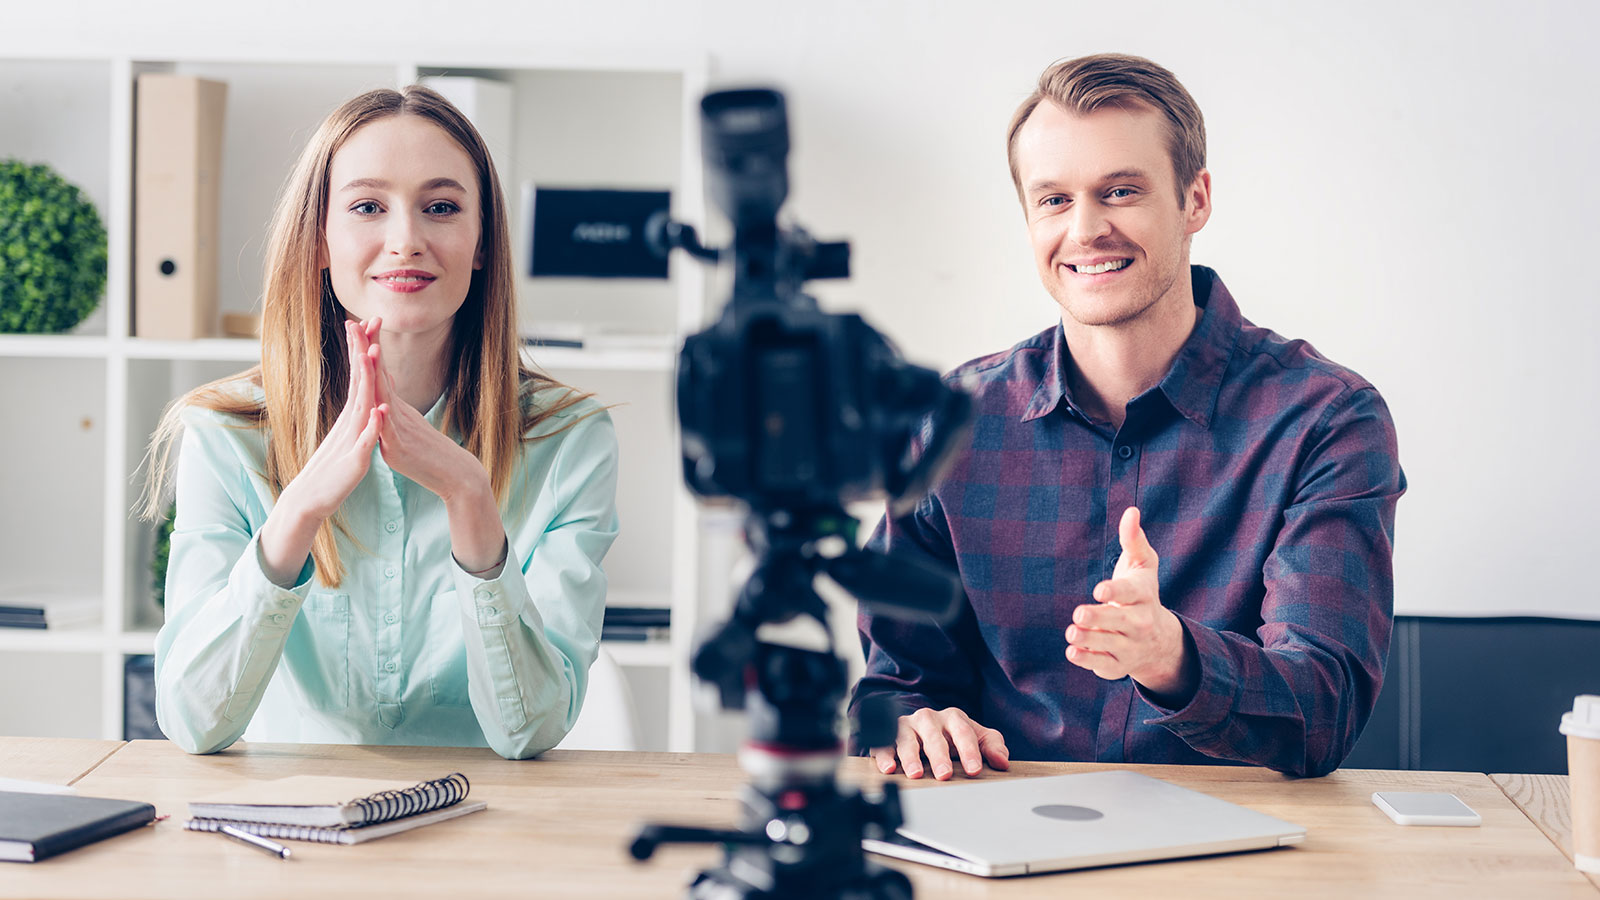 dumela video inspirar marketing 3 - 5 ideias de conteúdo em vídeo para inspirar o marketing da sua empresa